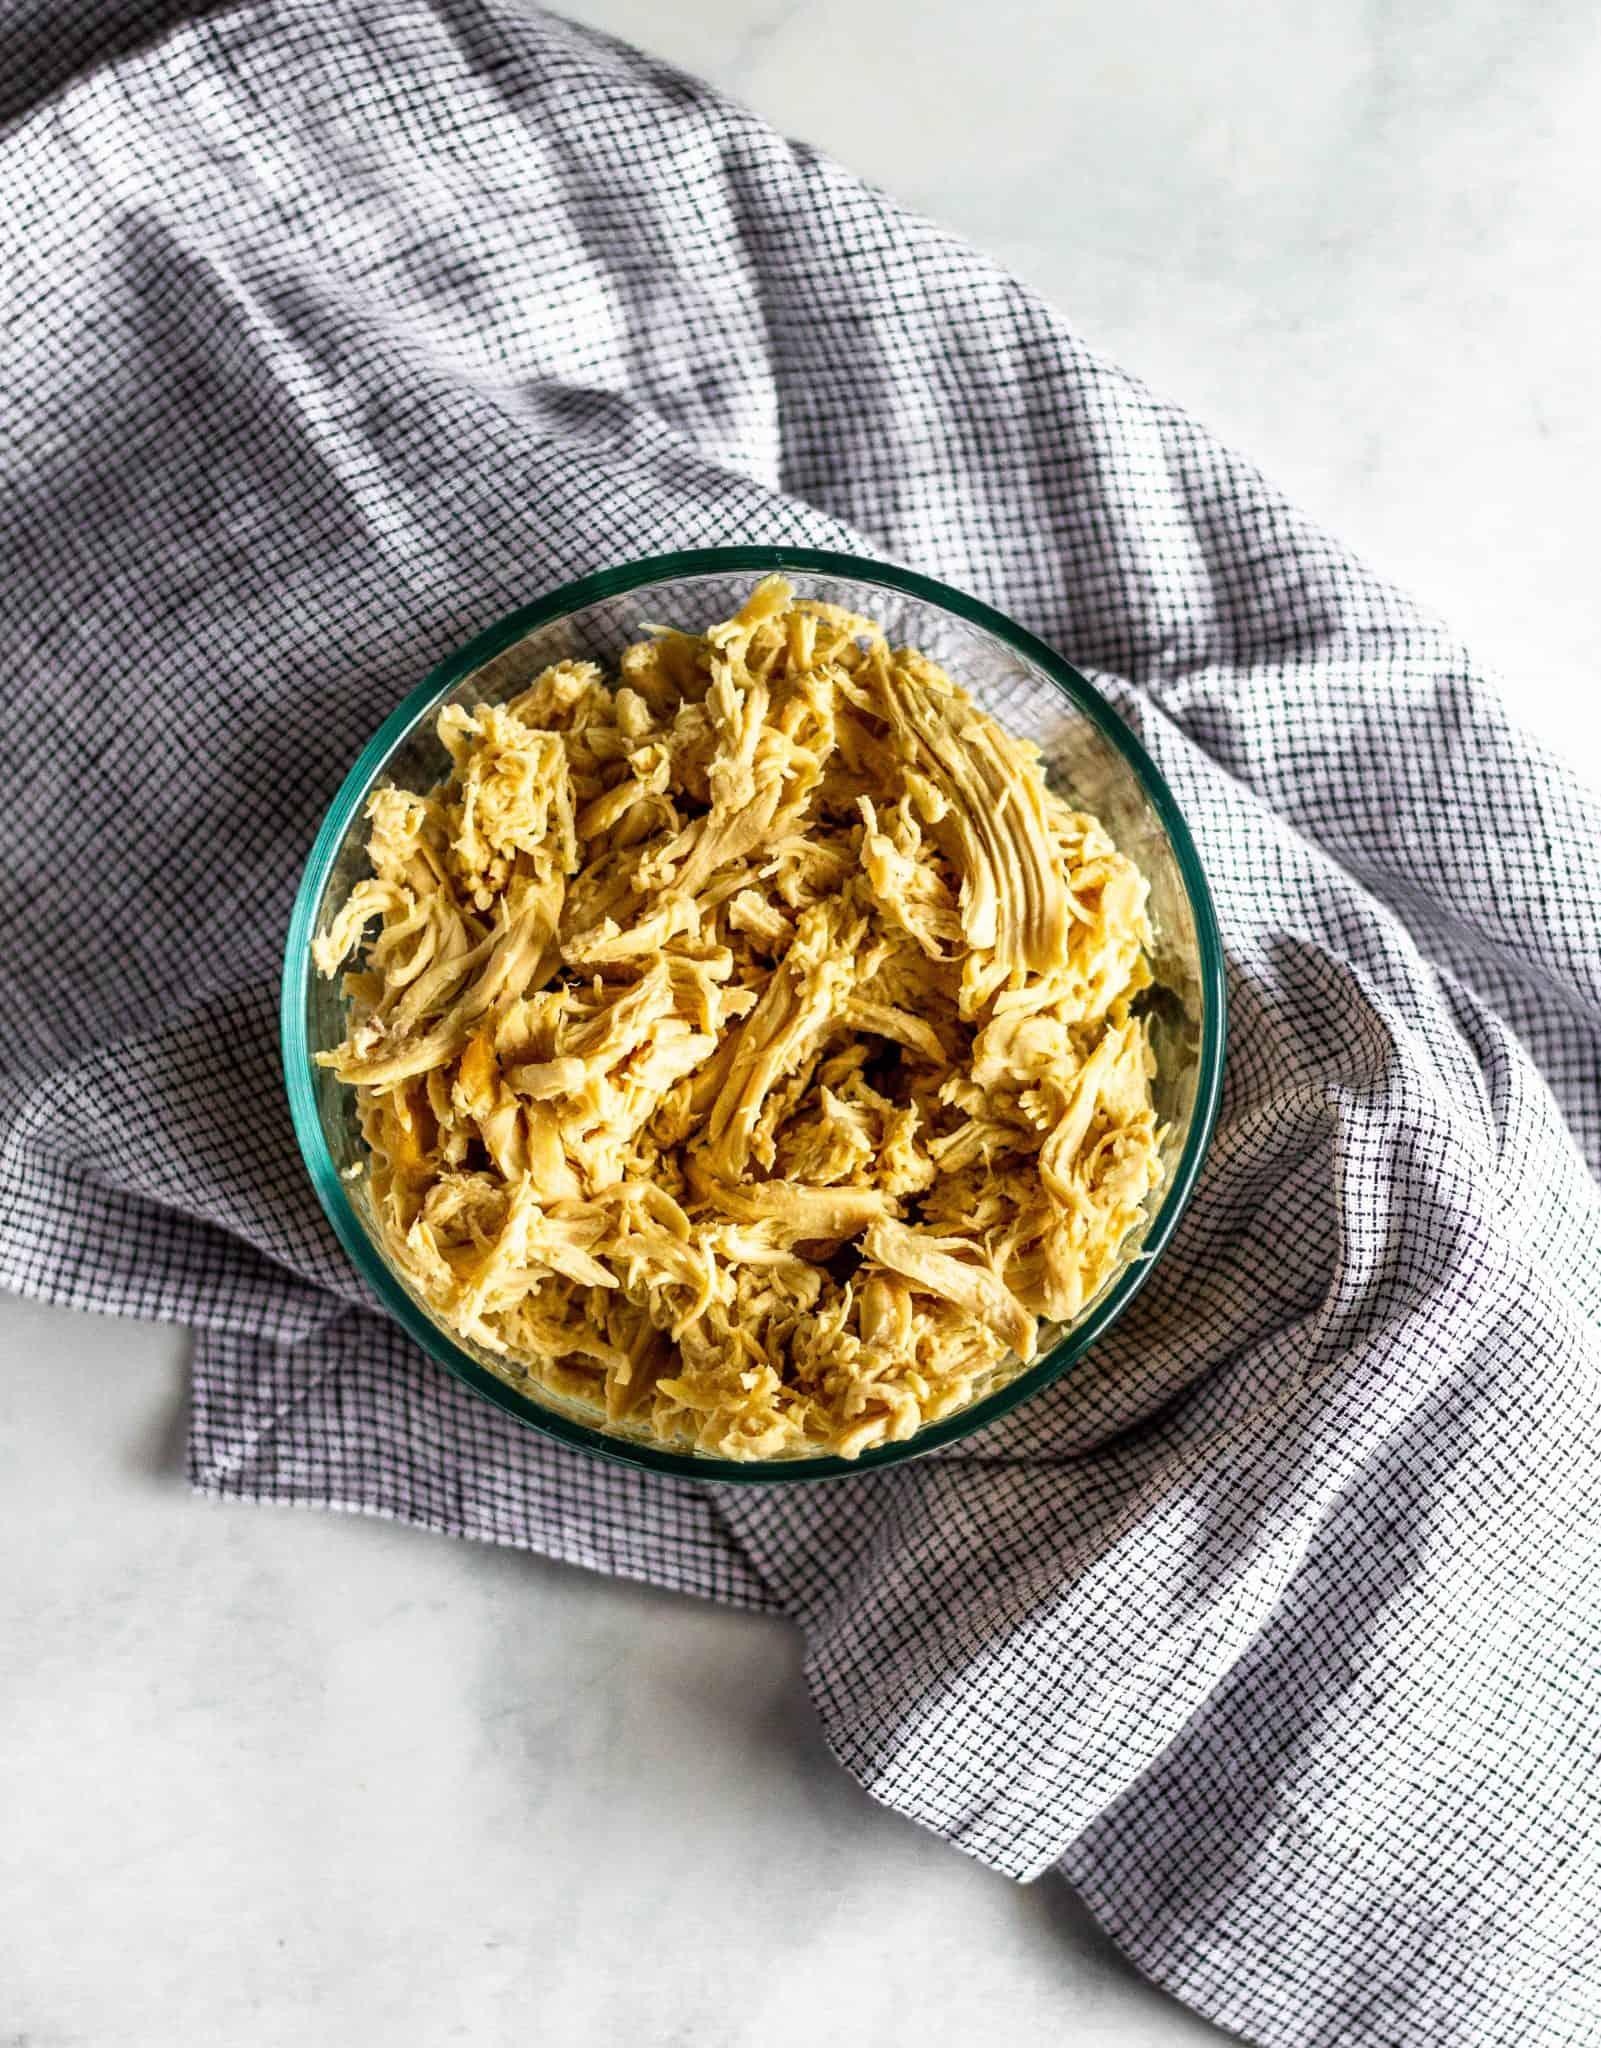 Slow Cooker Shredded Chicken #lowfodmap #healthyrecipes #tararochfordnutrition